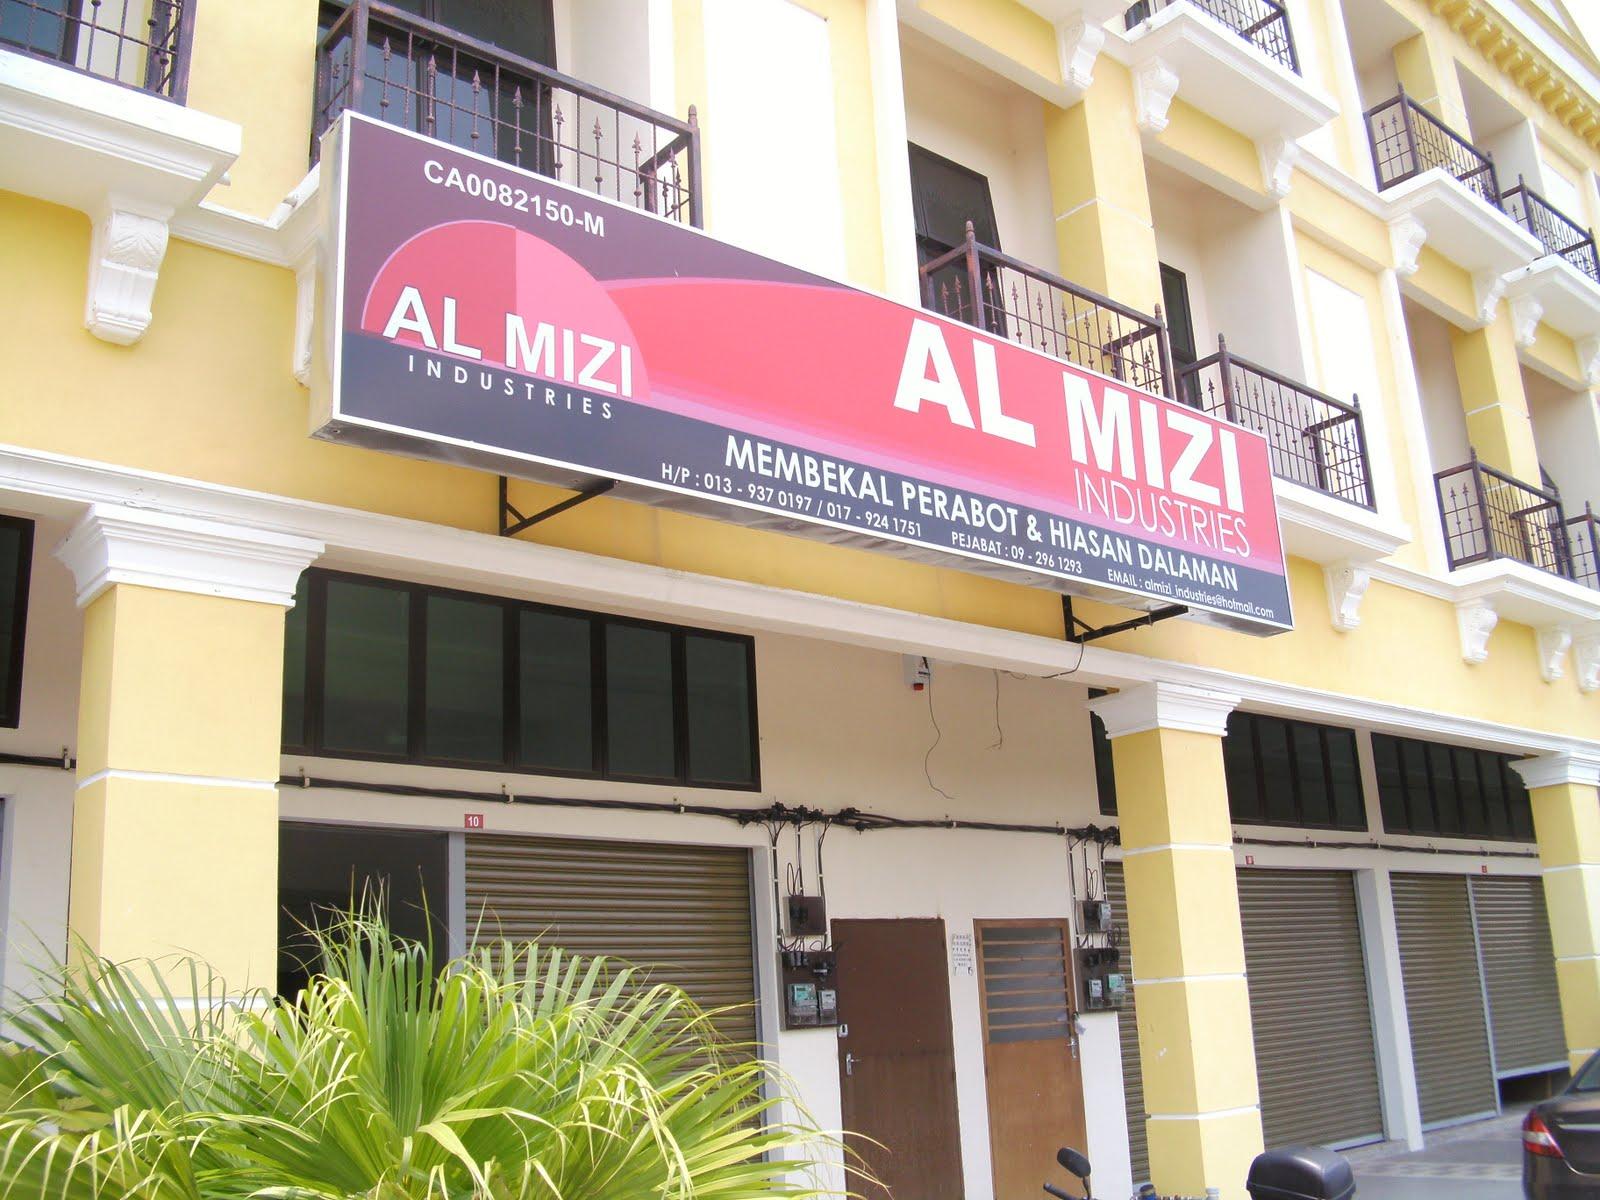 Al Mizi Industries Profail Syarikat